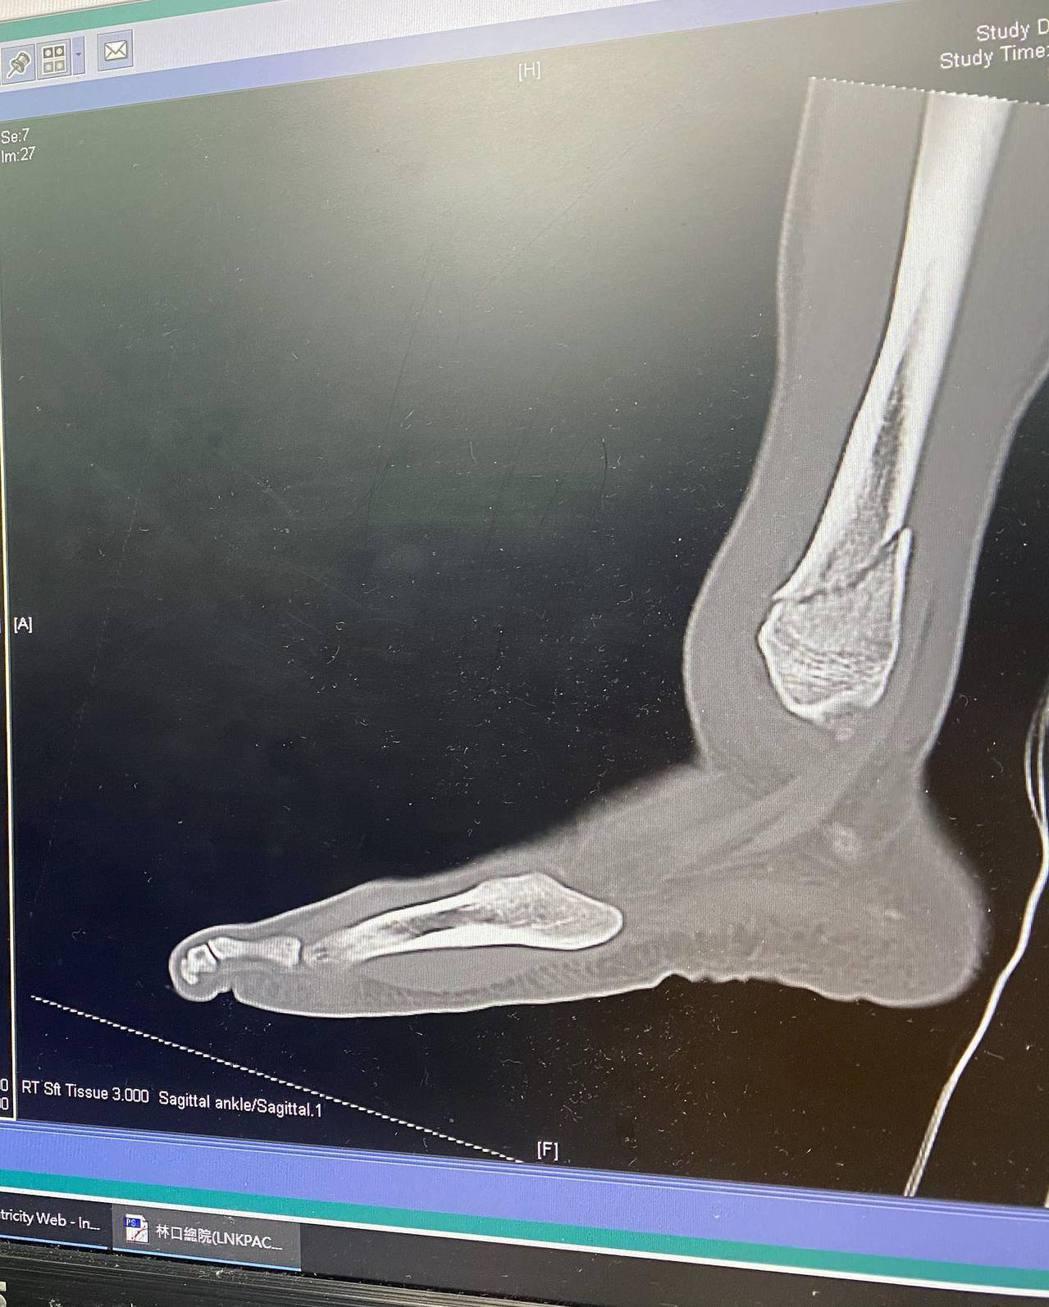 胡宇威腳踝嚴重骨折腫脹。圖/摘自臉書